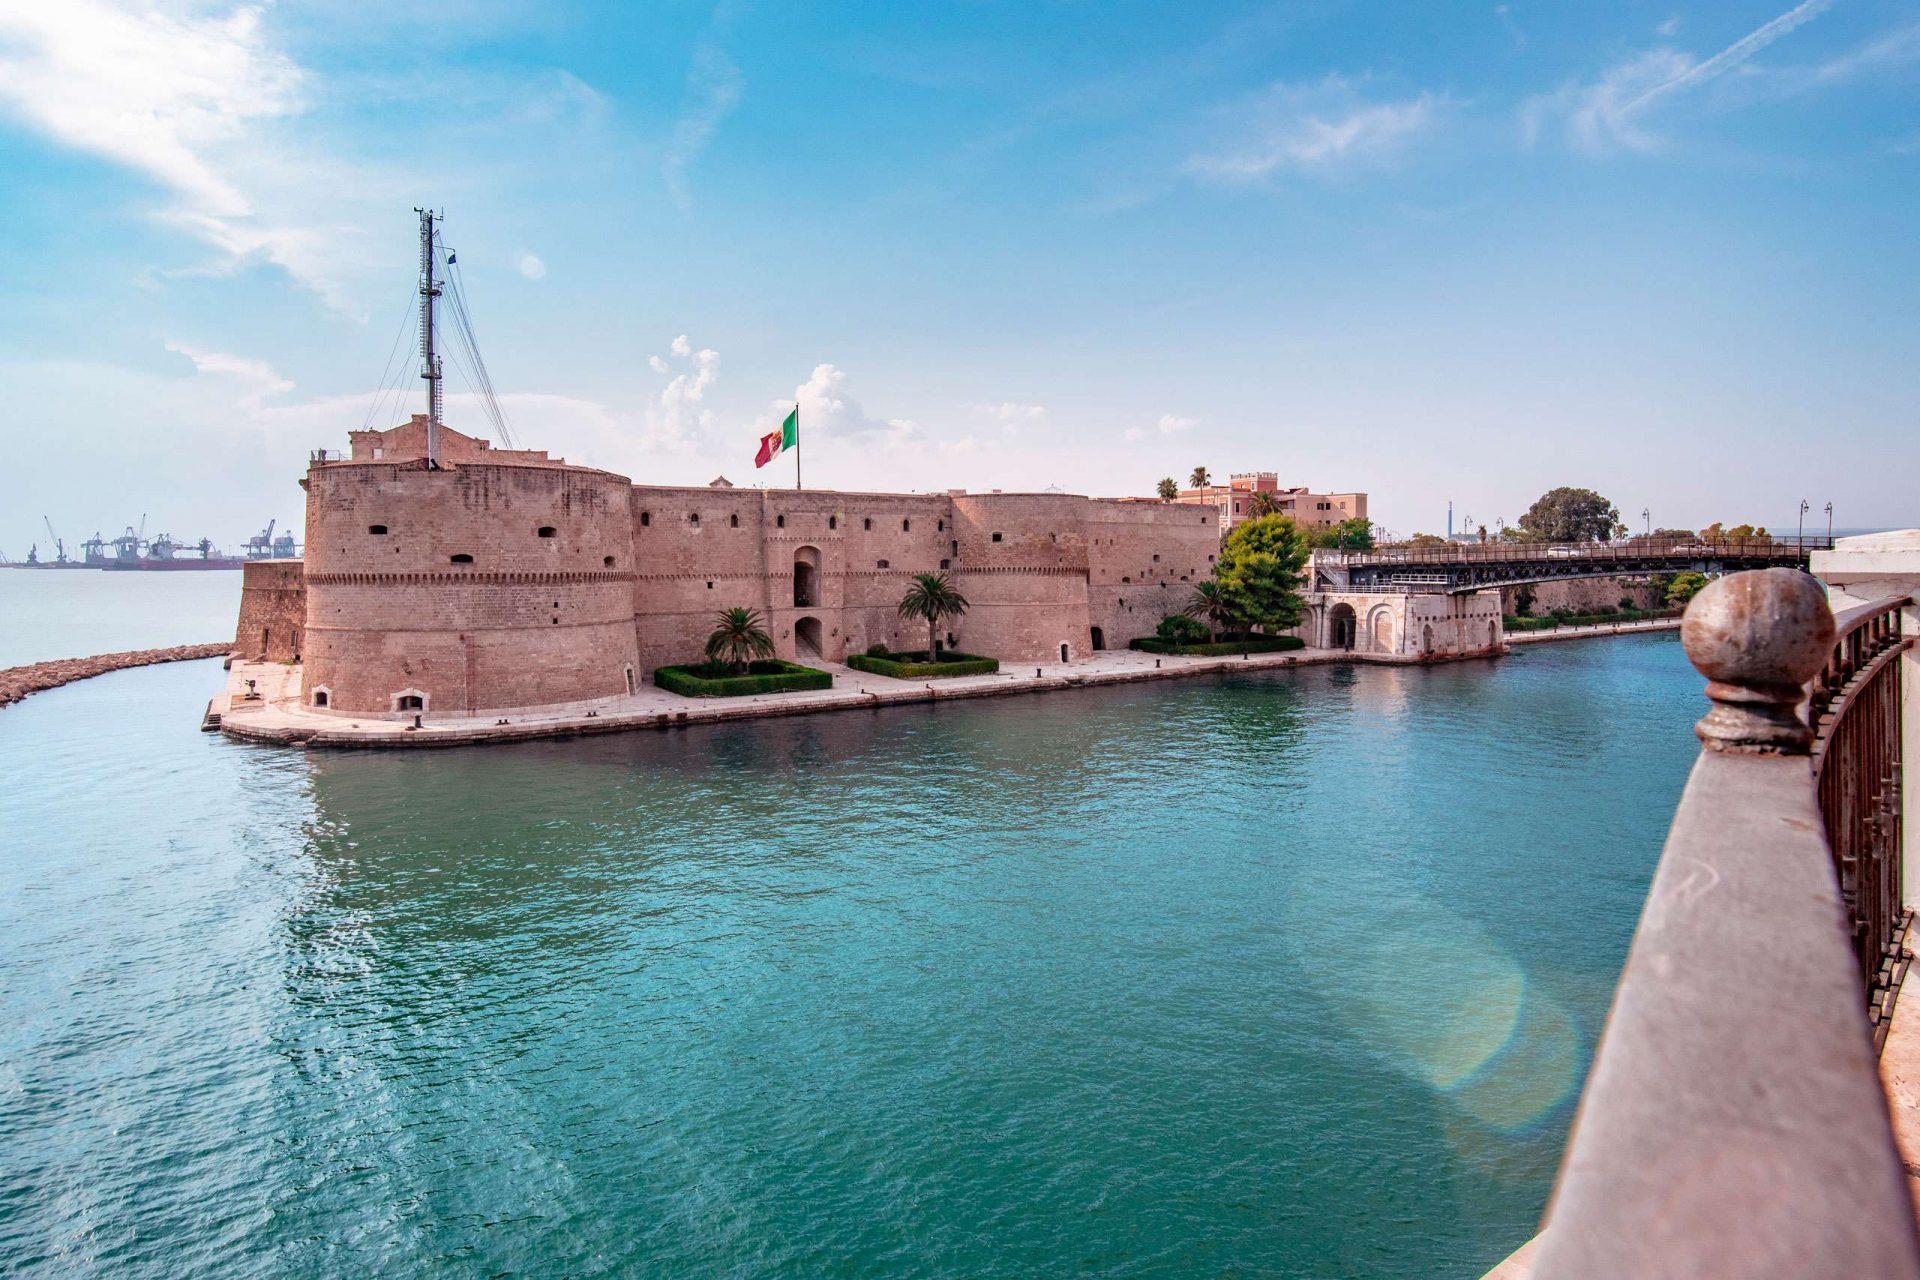 Castles in Puglia - aragonese Castle of Taranto - Imperial Apulia